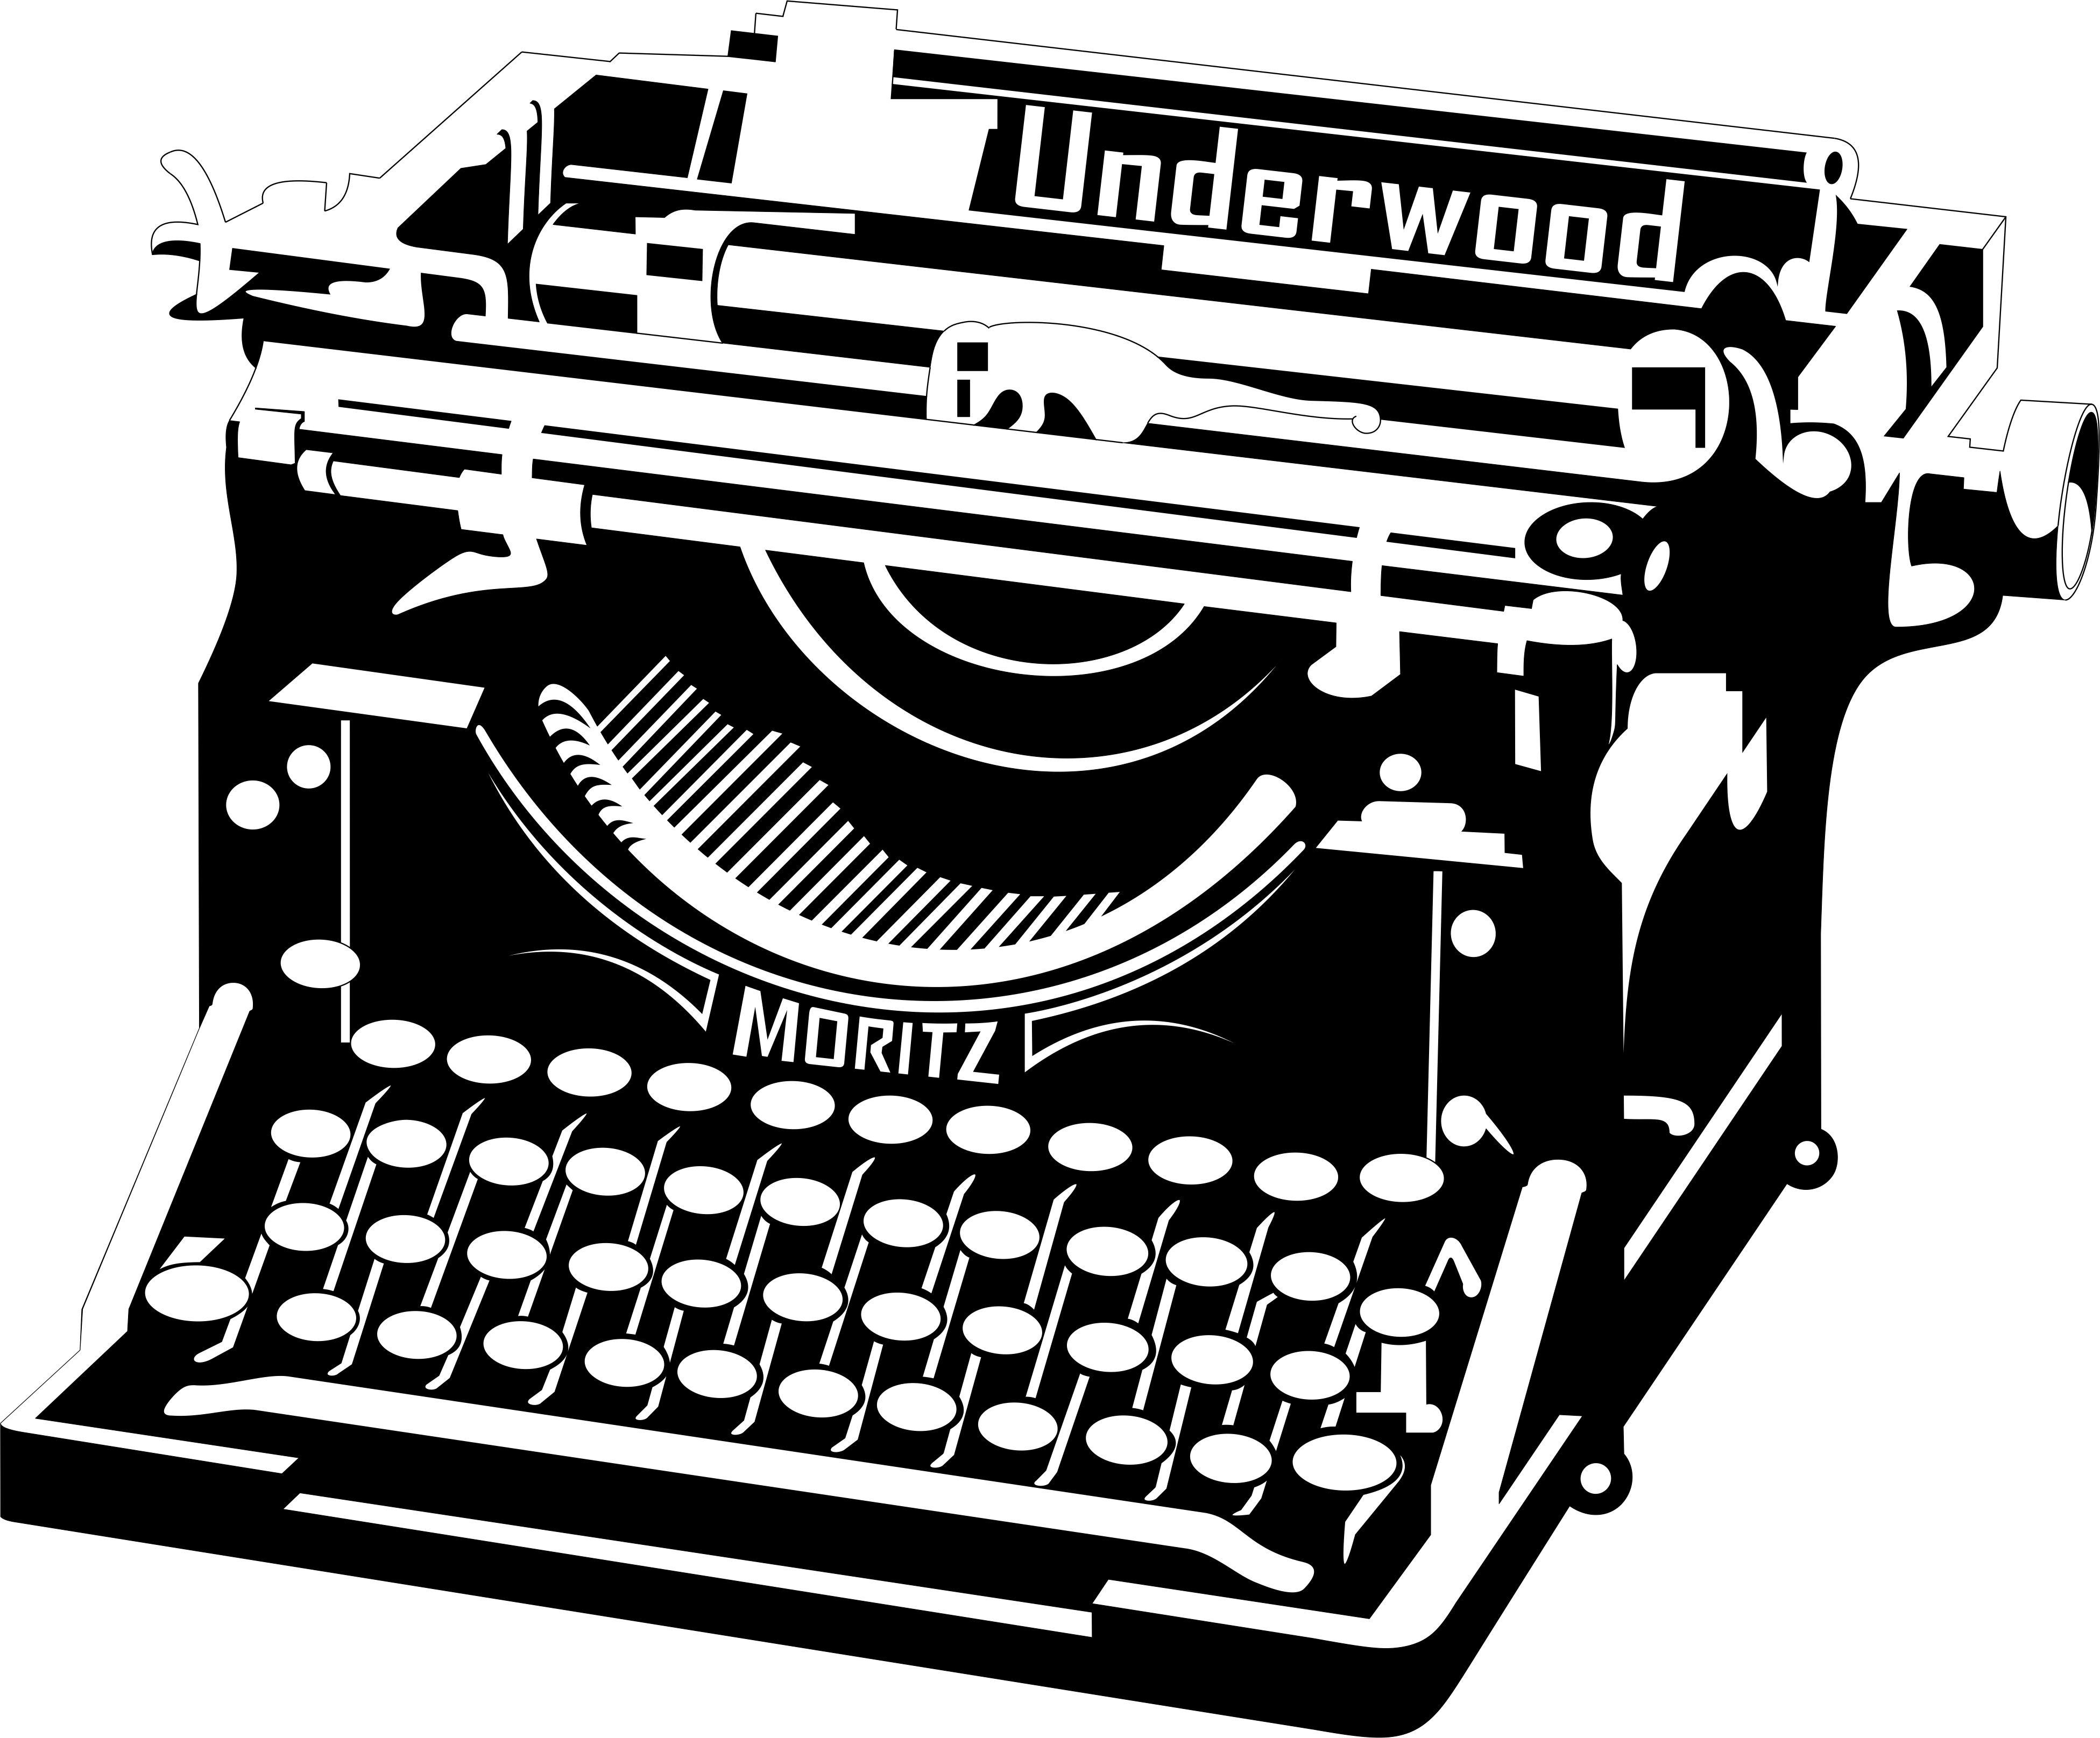 Moritztypewriter